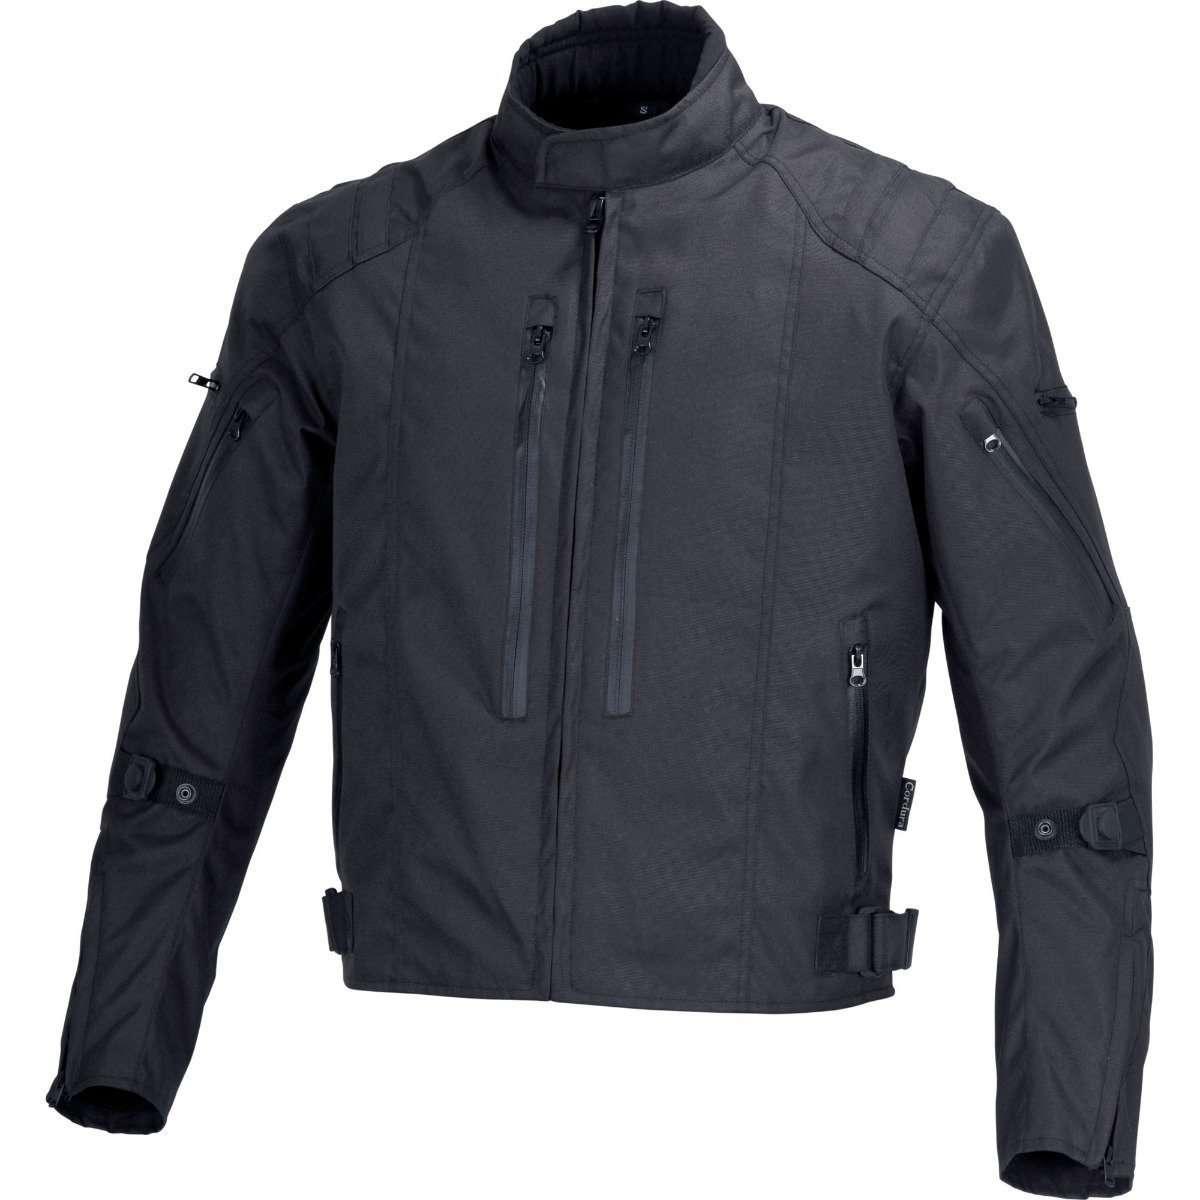 Casanova-Men-Motorcycle-Textile-Race-Jacket-black-xs